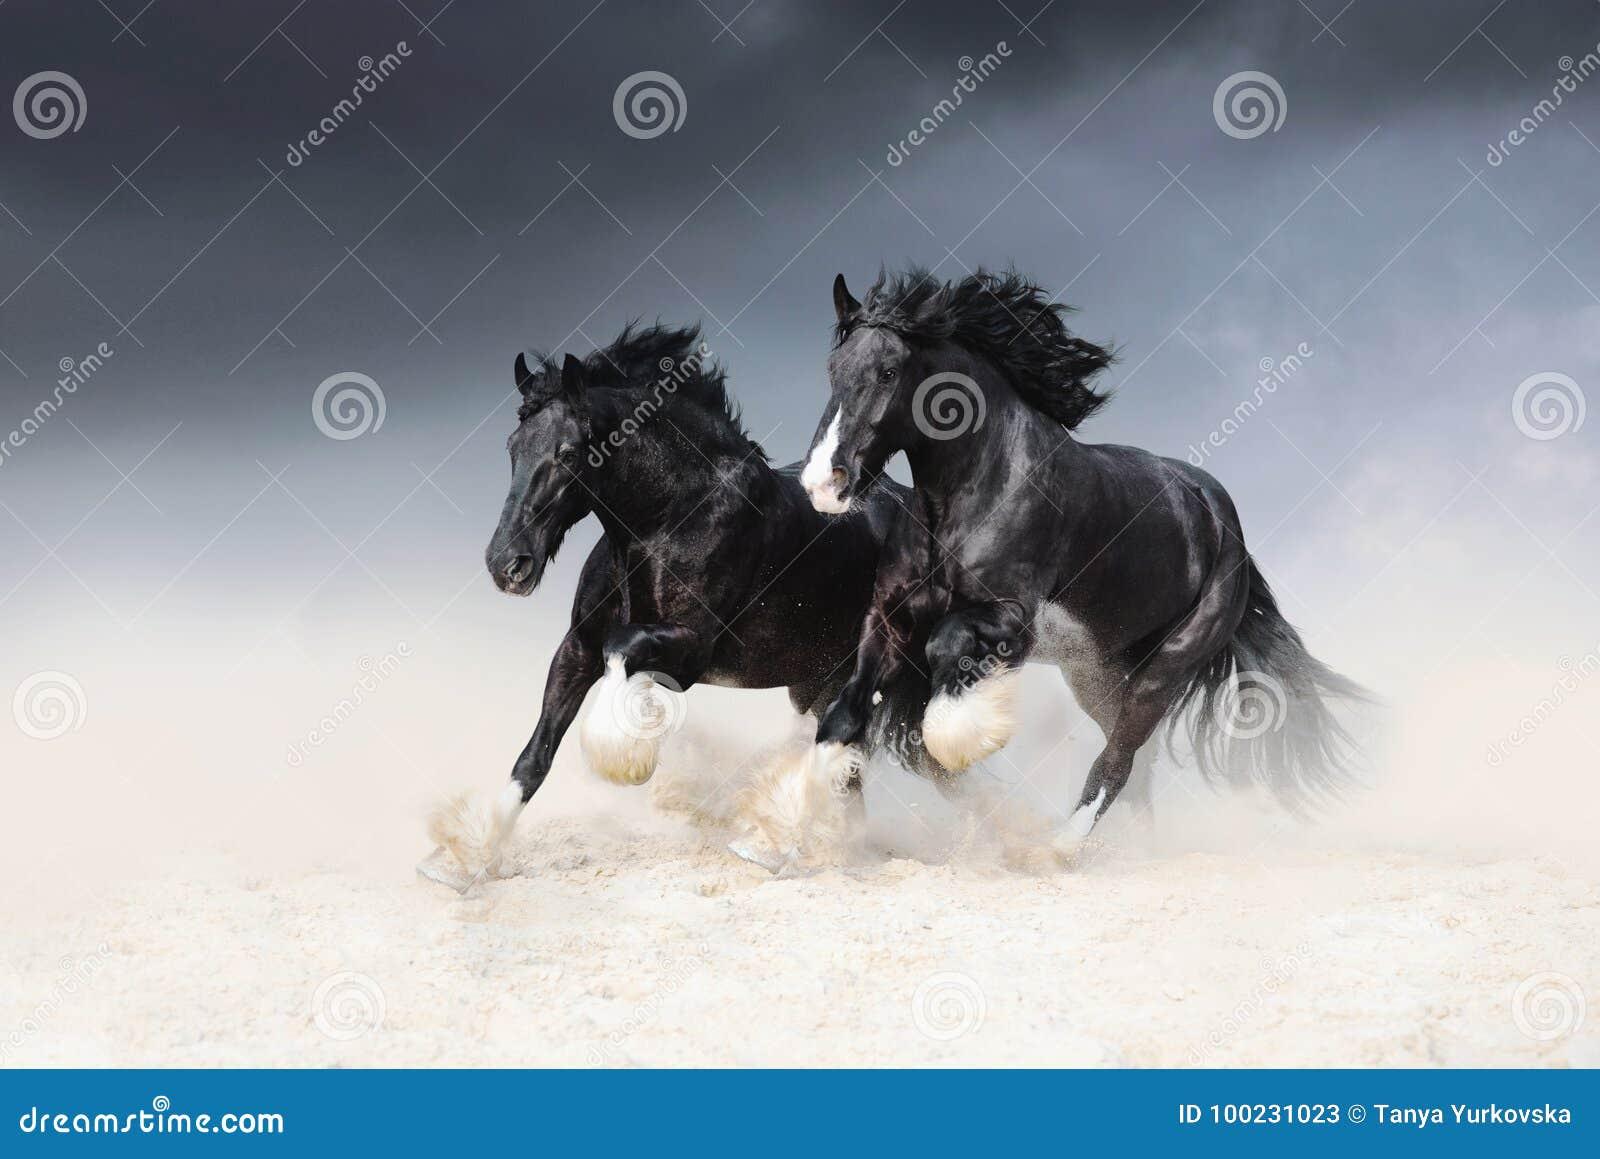 Dwa czarnego konia Shail skała ścigają się wzdłuż piaska przeciw niebu